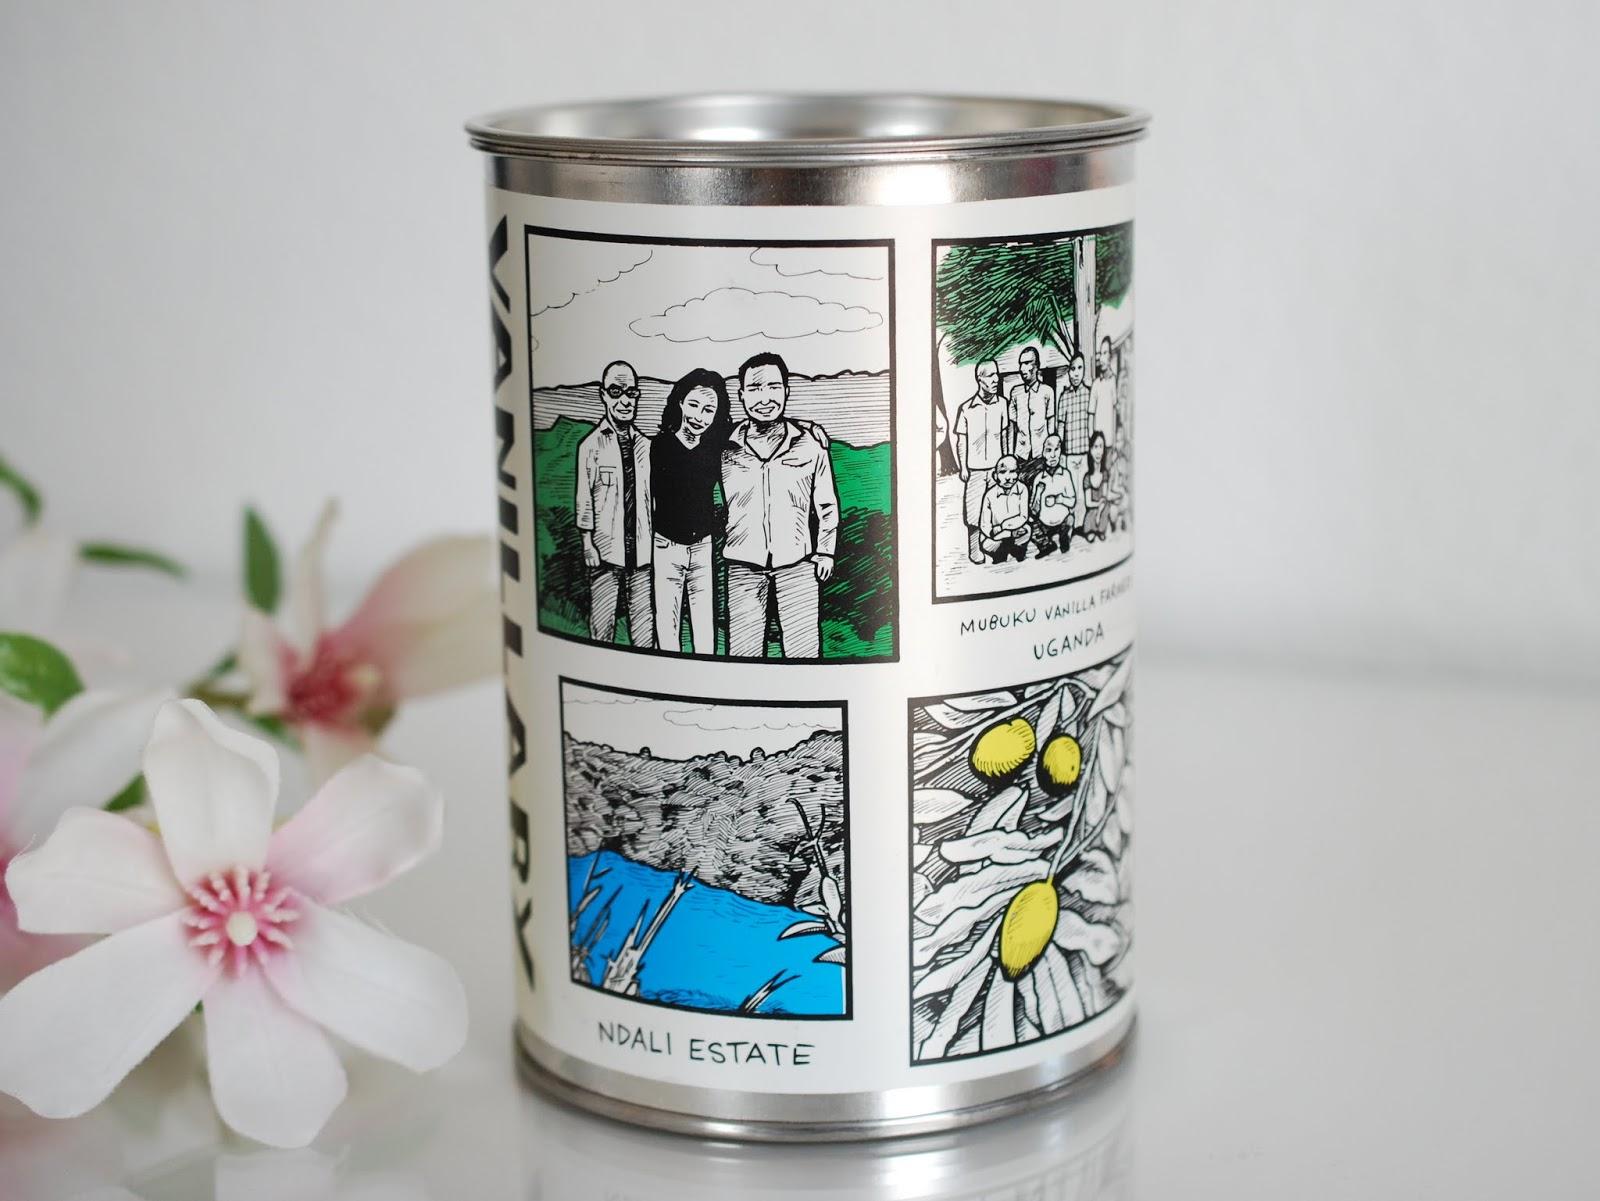 Aussehen Box Lush Vanillary Geschenk